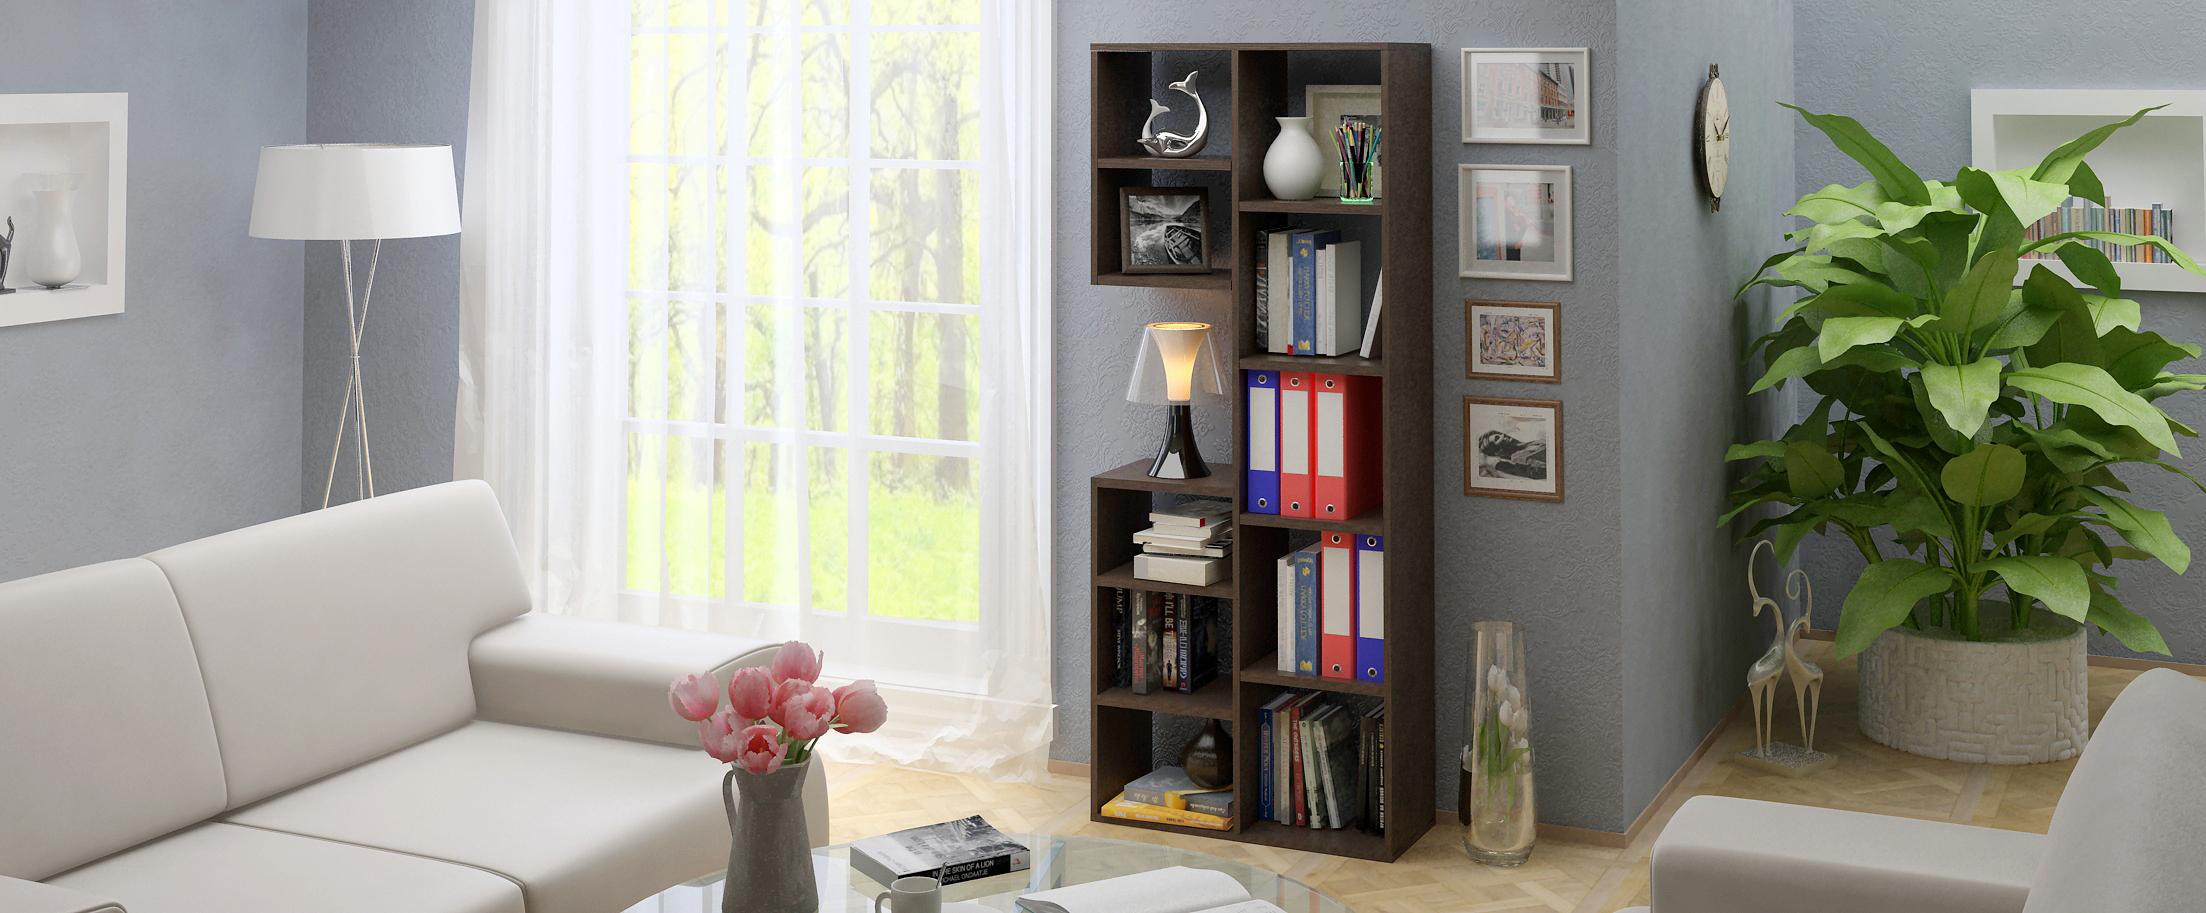 Стеллаж Рикс 2 Модель 828аккуратно хранить не только книги и принадлежности для офисного пользования, но и выигрышно украсить модель предметами декора или цветами.<br>